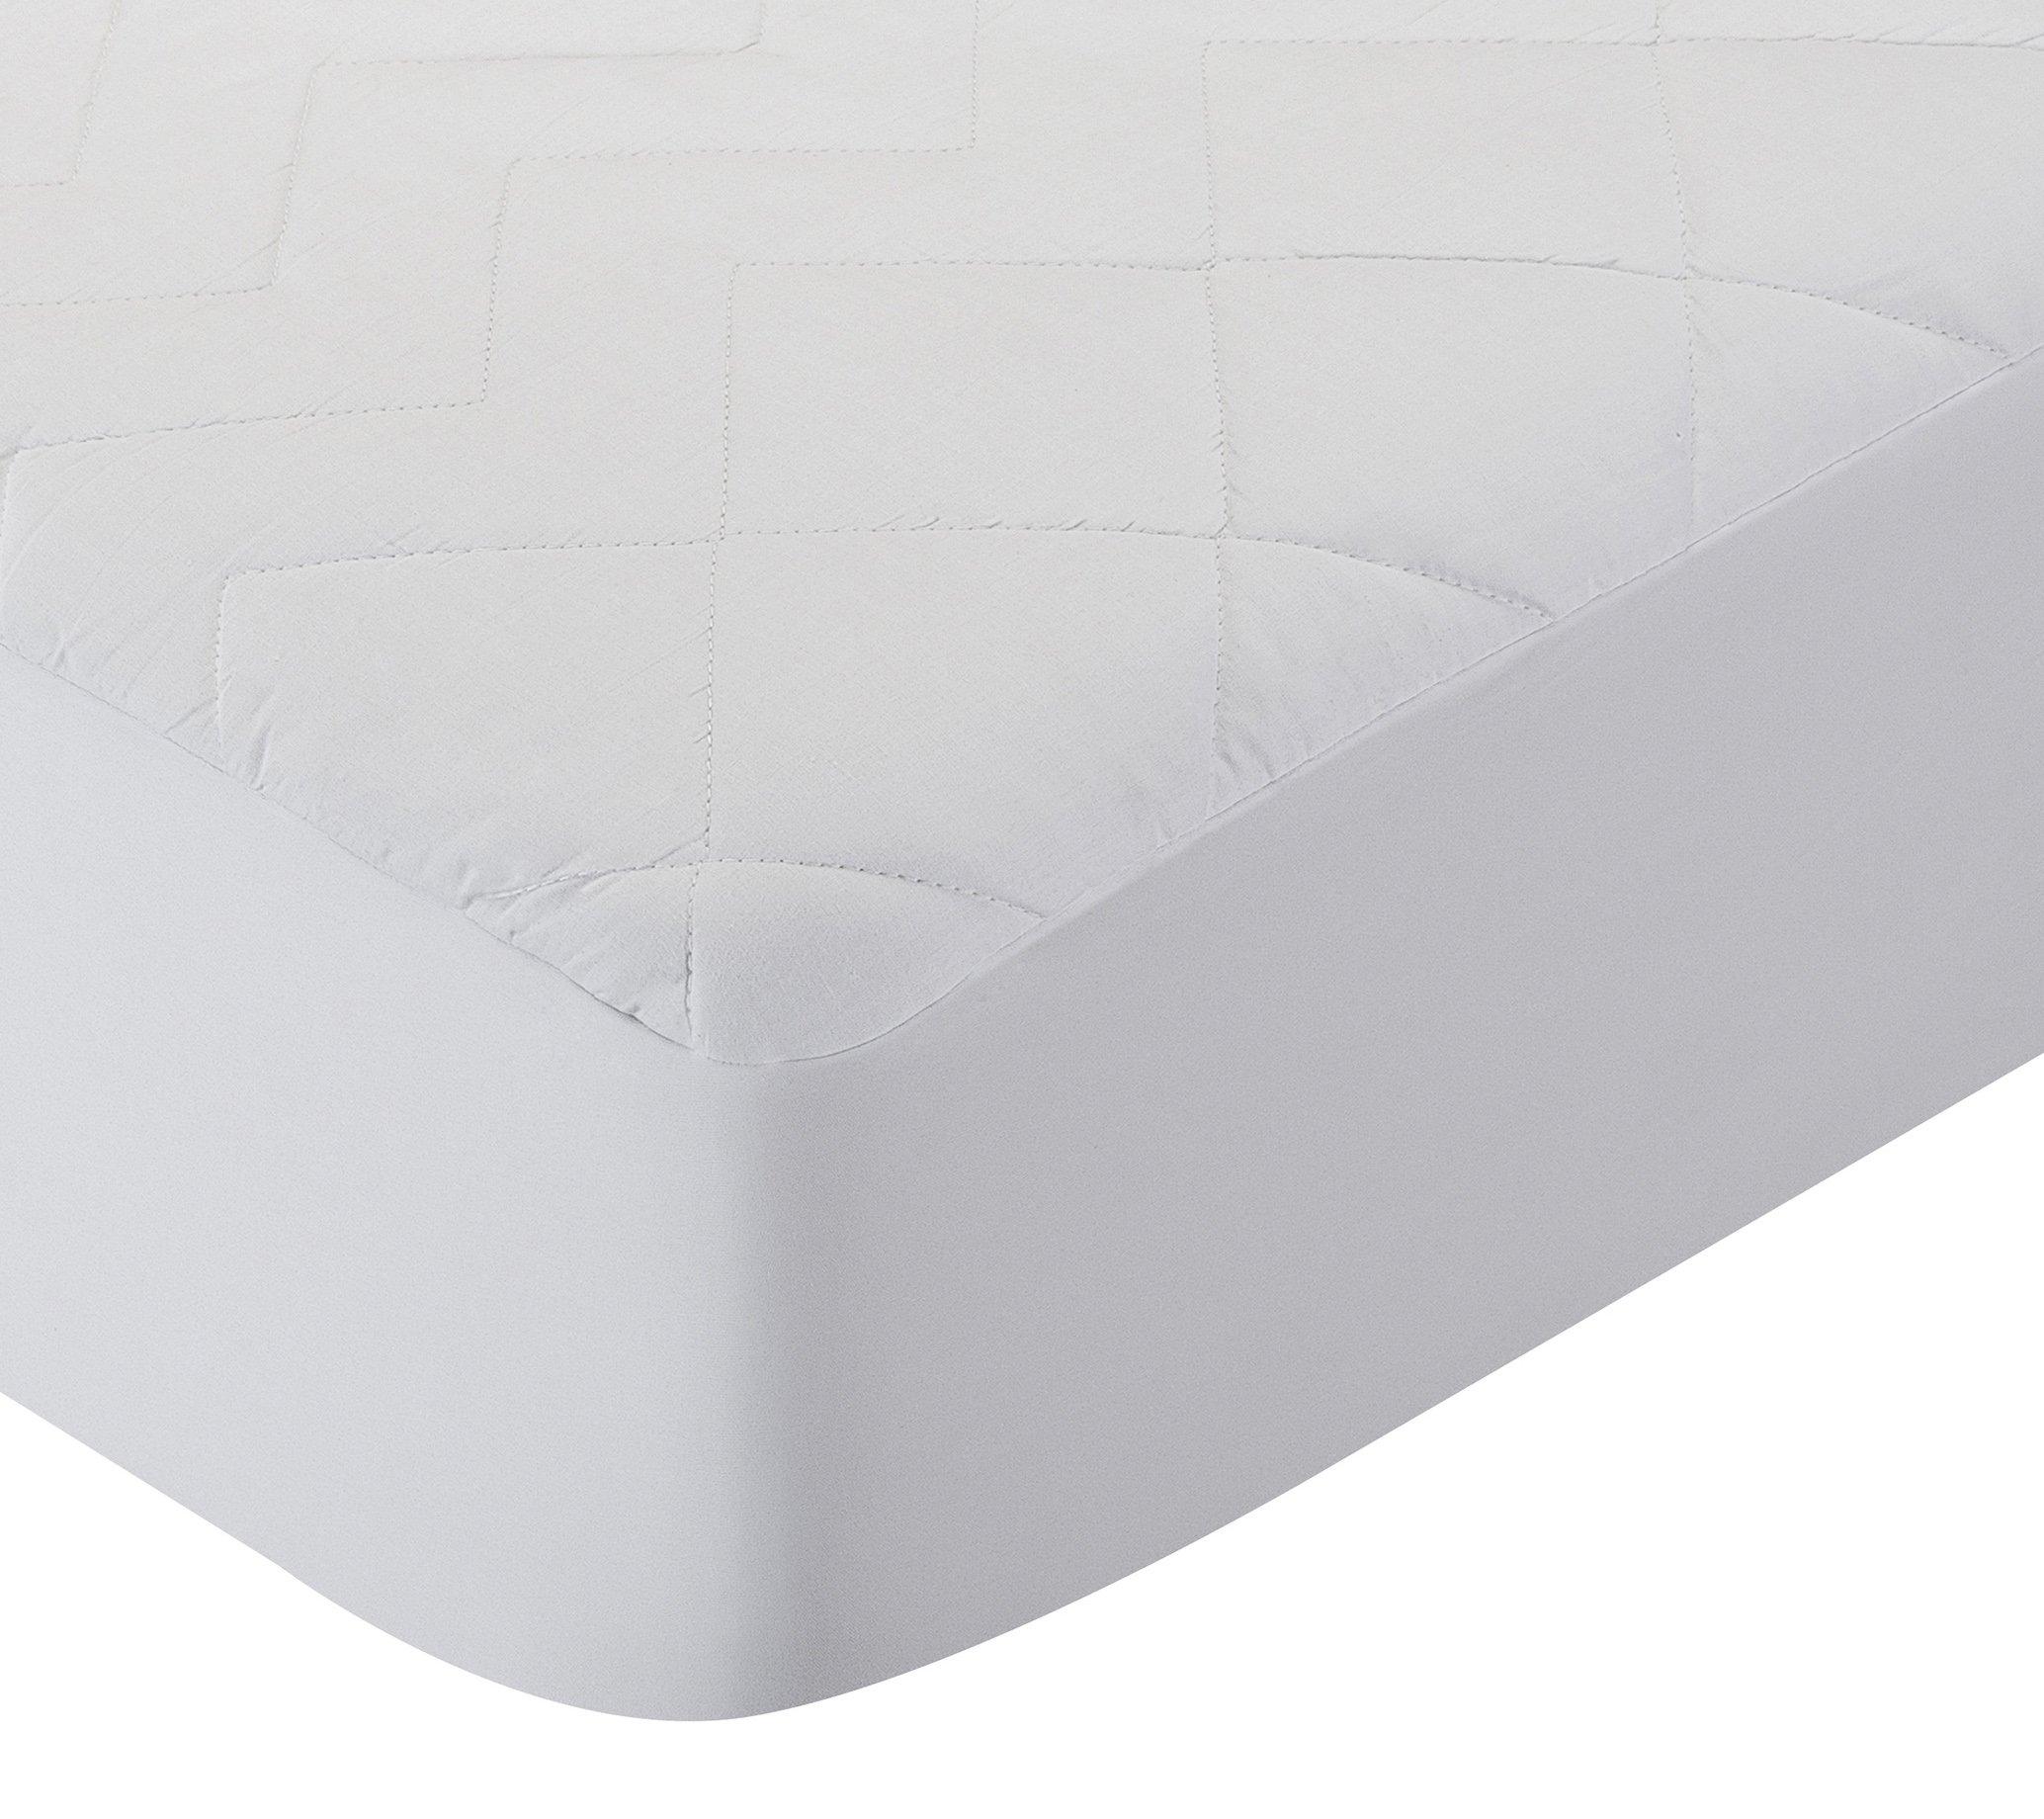 Pikolin Home - Protector de colchón acolchado cubre colchón de fibra antiácaros, transpirable, 105